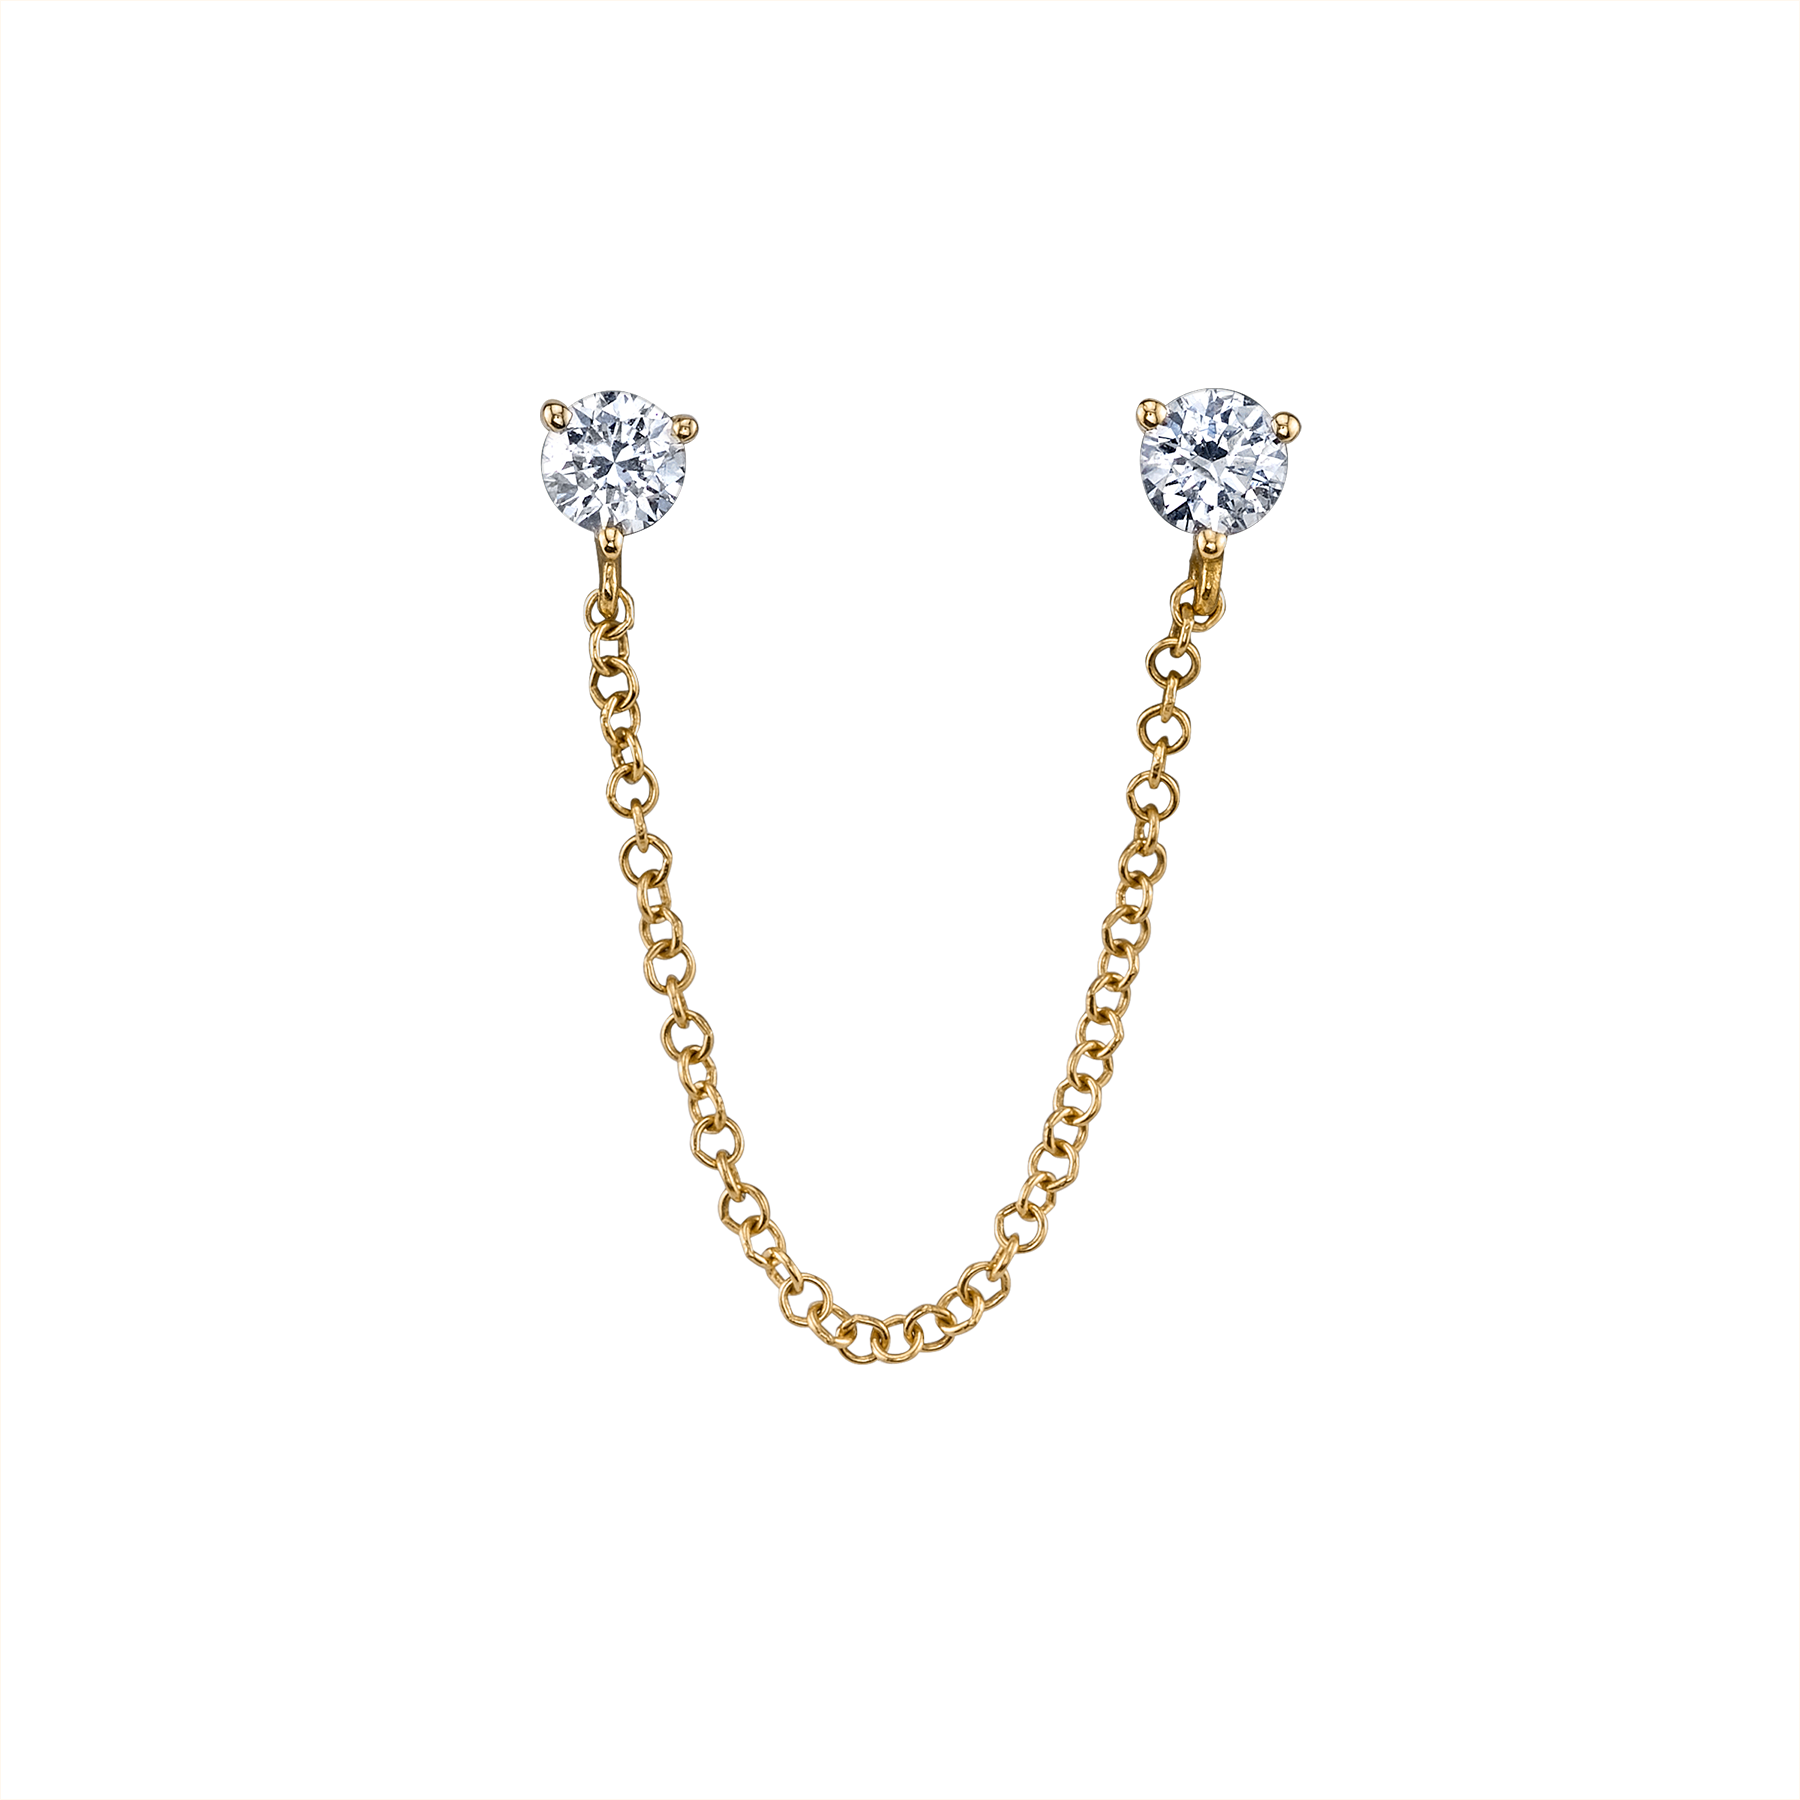 DIAMOND CONNECTED STUD EARRING Stud earrings, Diamond